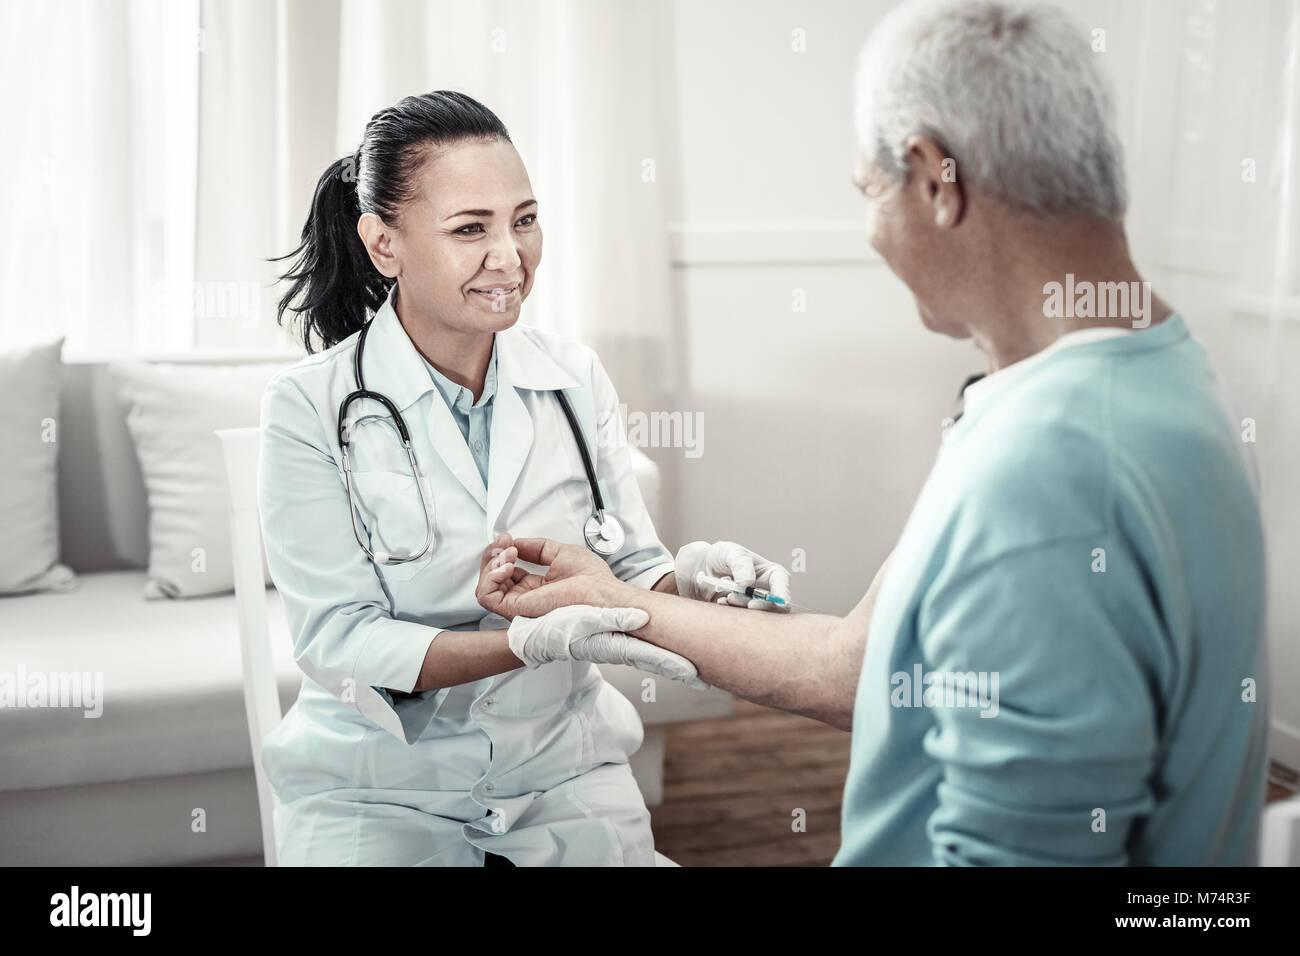 Joyful pleasant nurse smiling and making injection. - Stock Image